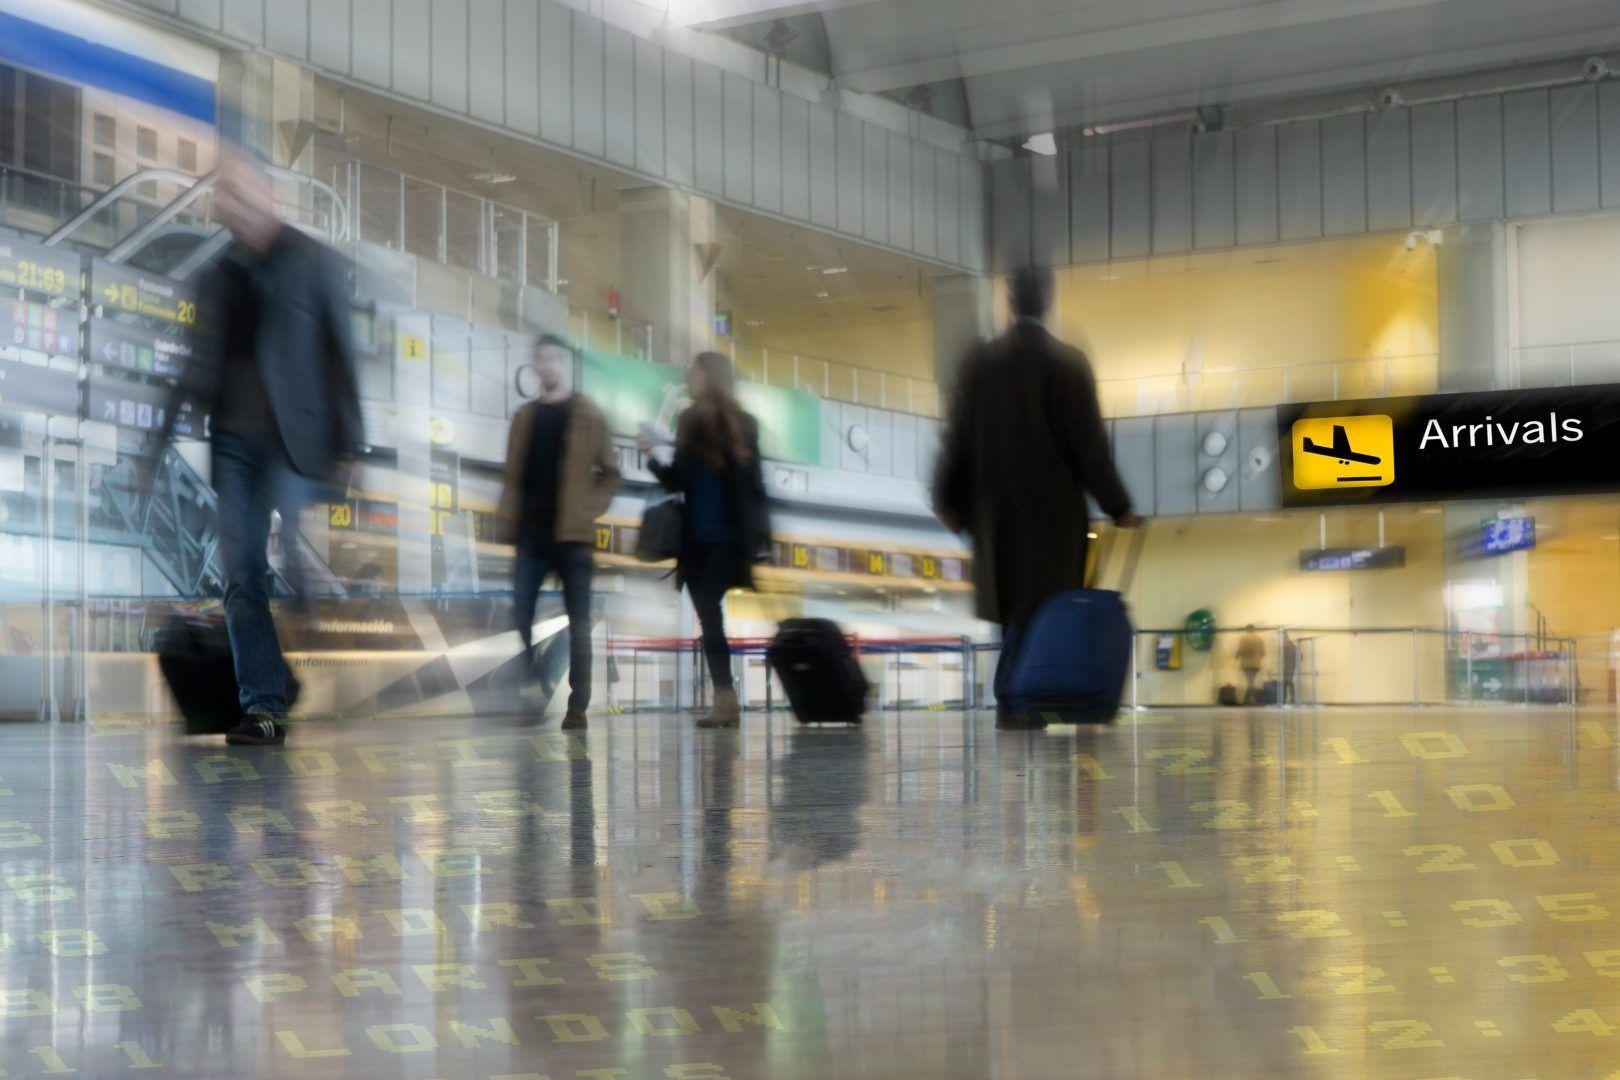 机场旅客流量管理 提升吞吐量及收入的重要途径